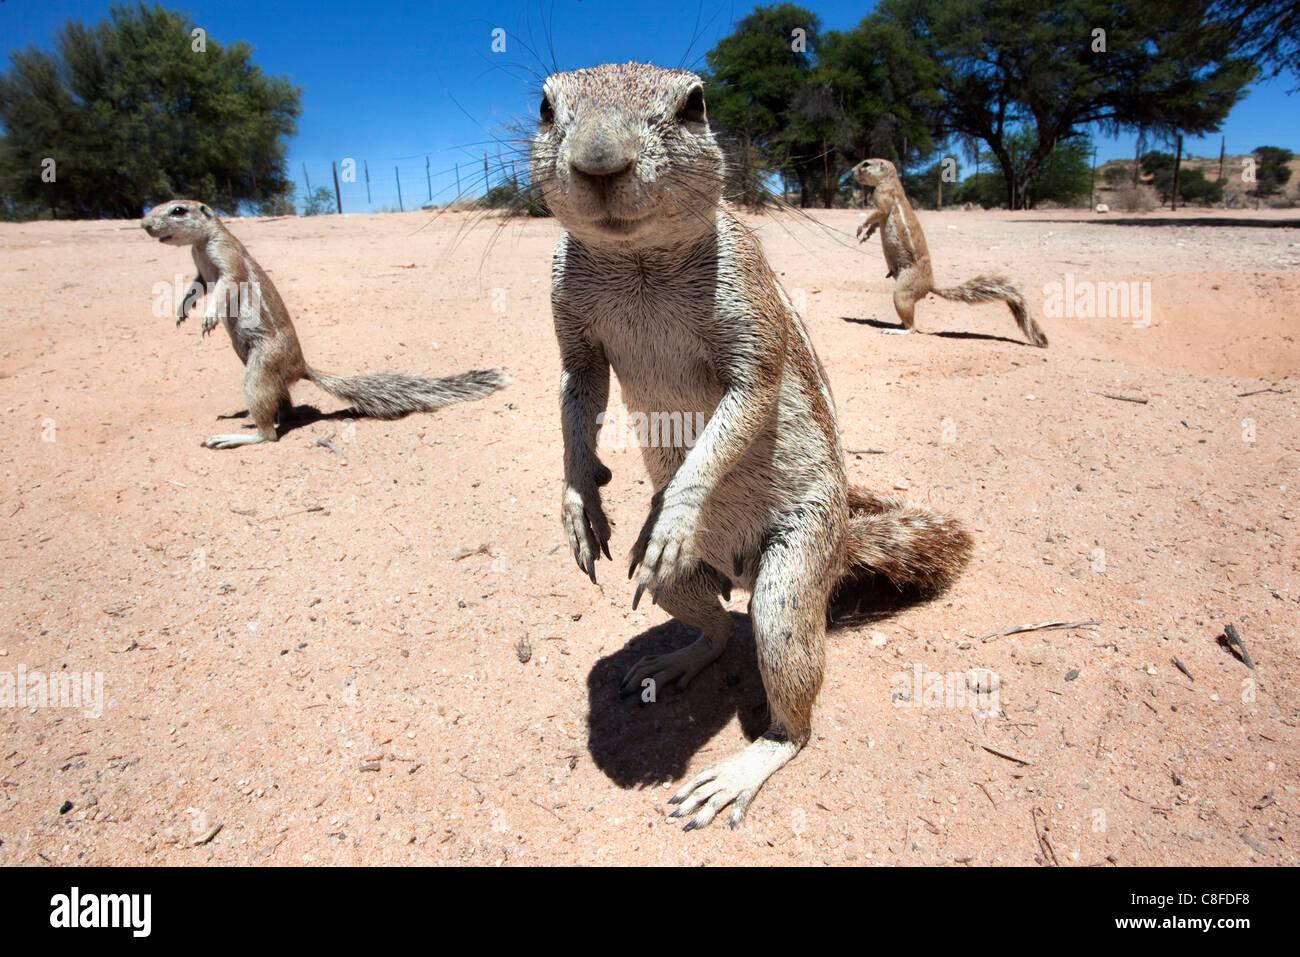 Erdhörnchen (Xerus Inauris, Kgalagadi Transfrontier Park, Northern Cape, Südafrika Stockbild